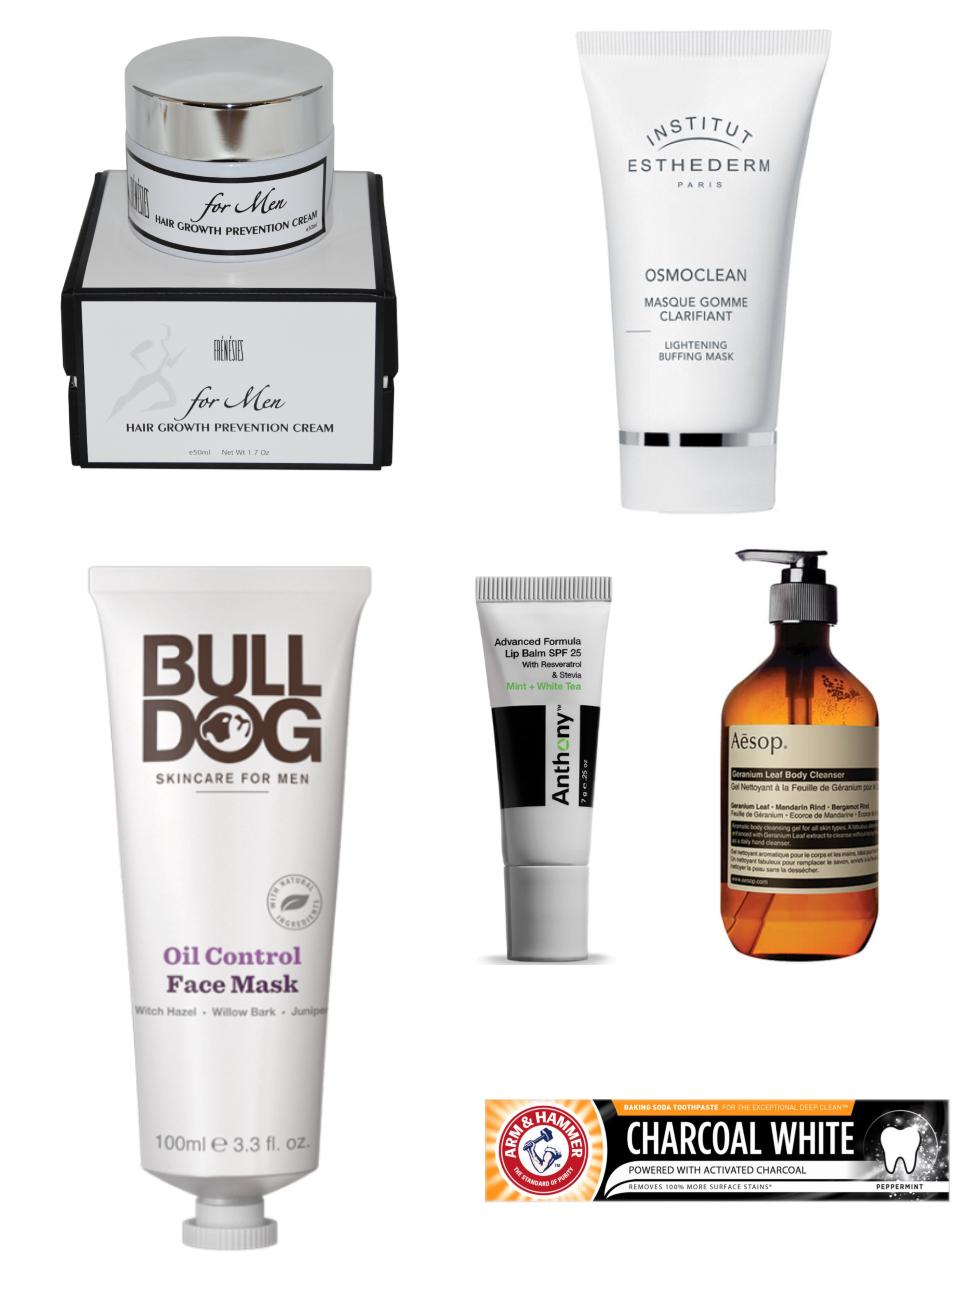 PAUSE Picks: Summer Grooming Essentials to Buy This Week